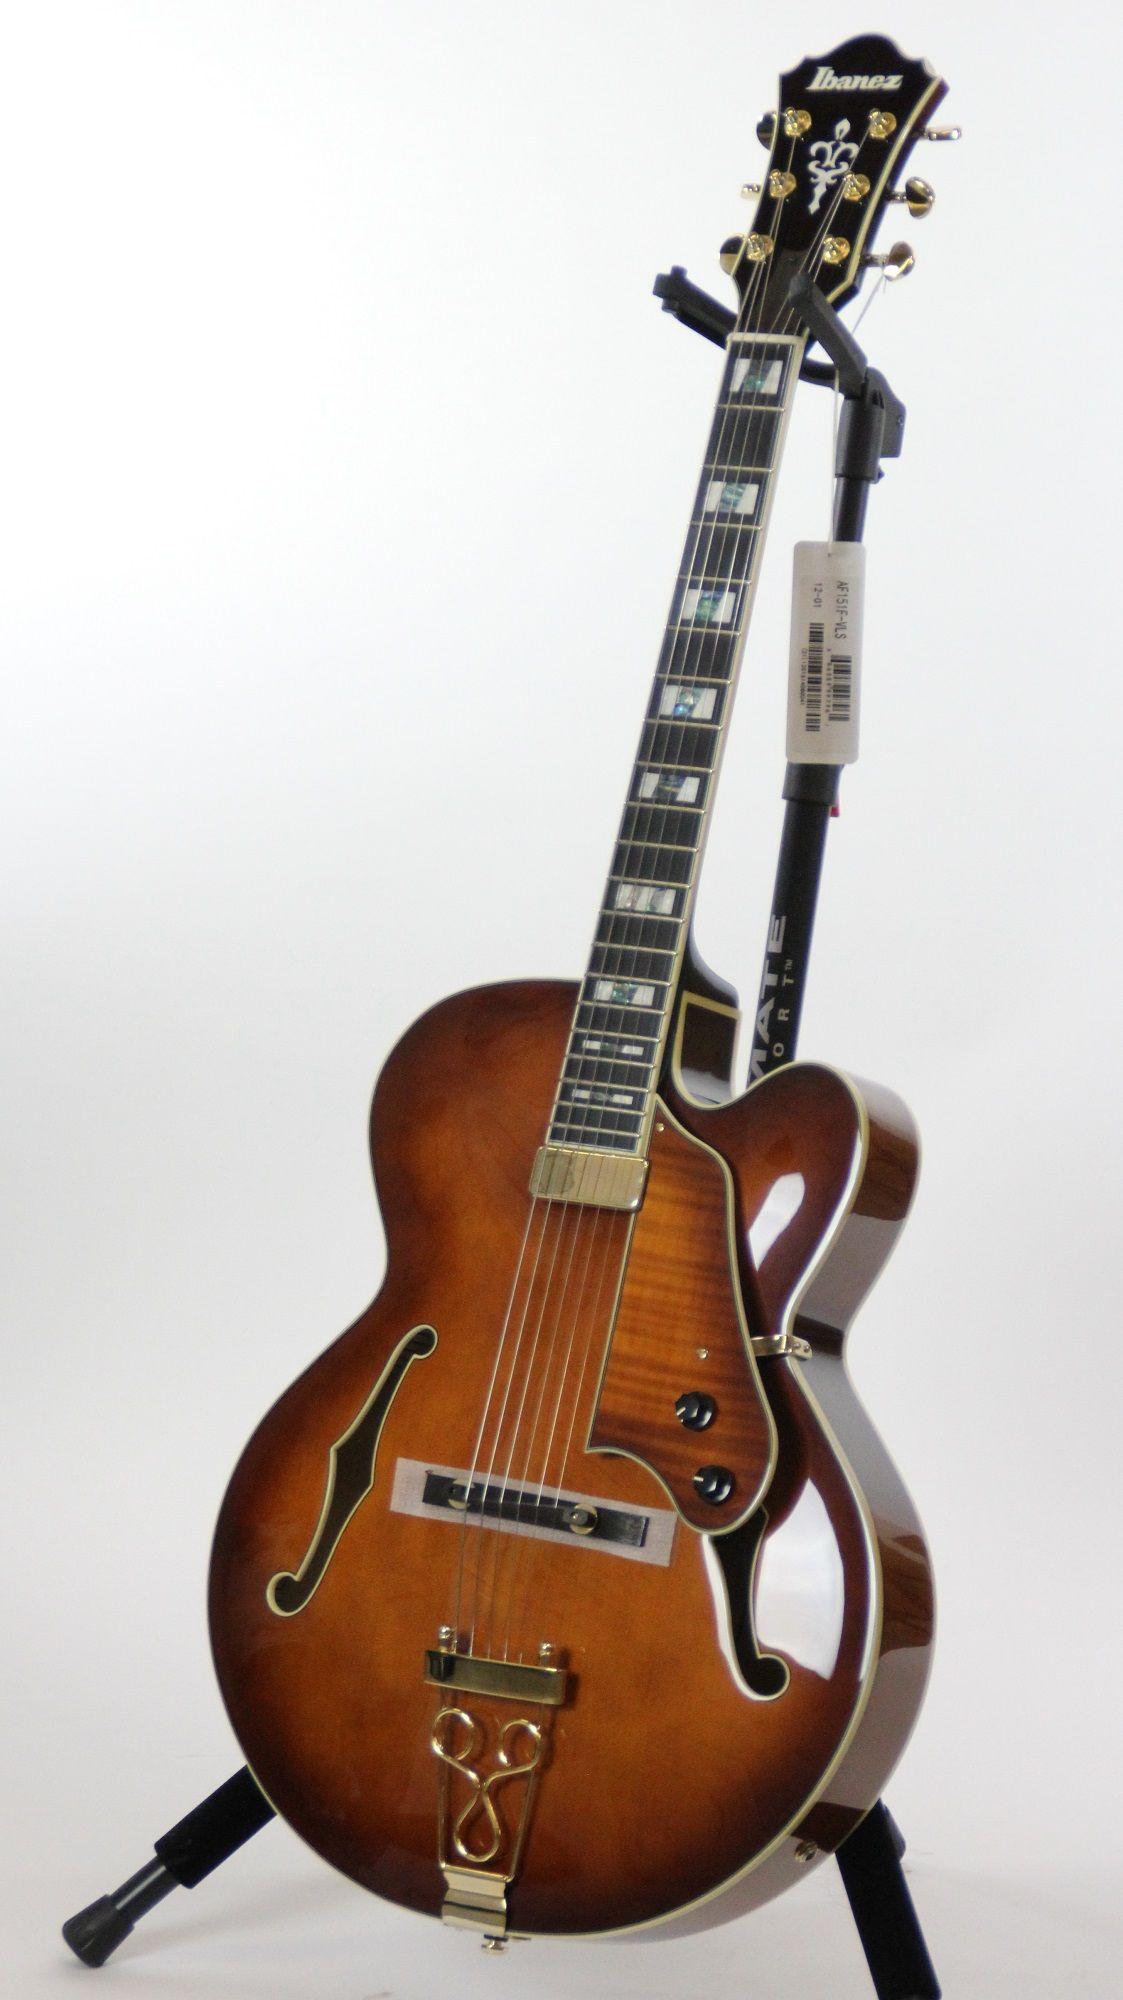 ibanez af151f artstar violin sunburst jazz box electric guitar w case 6. Black Bedroom Furniture Sets. Home Design Ideas